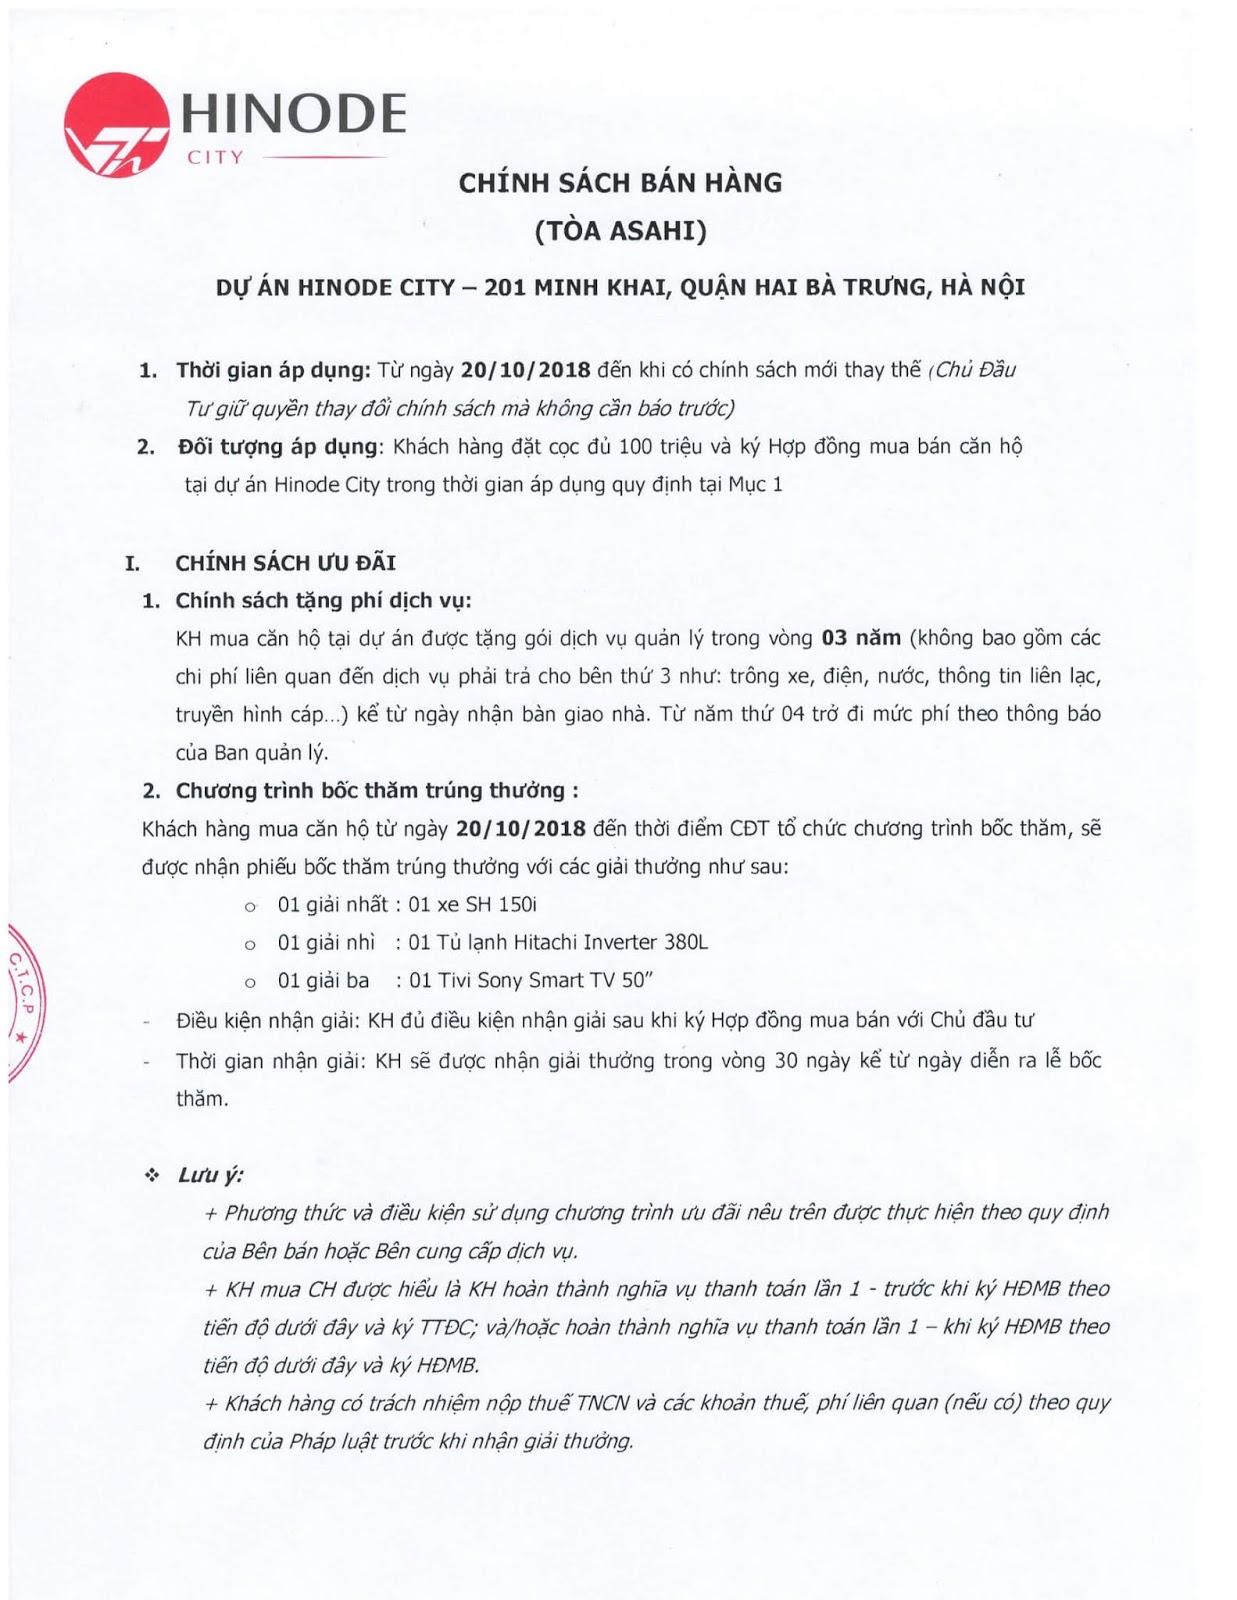 Chính sách bán hàng Hinode City tháng 10/2018